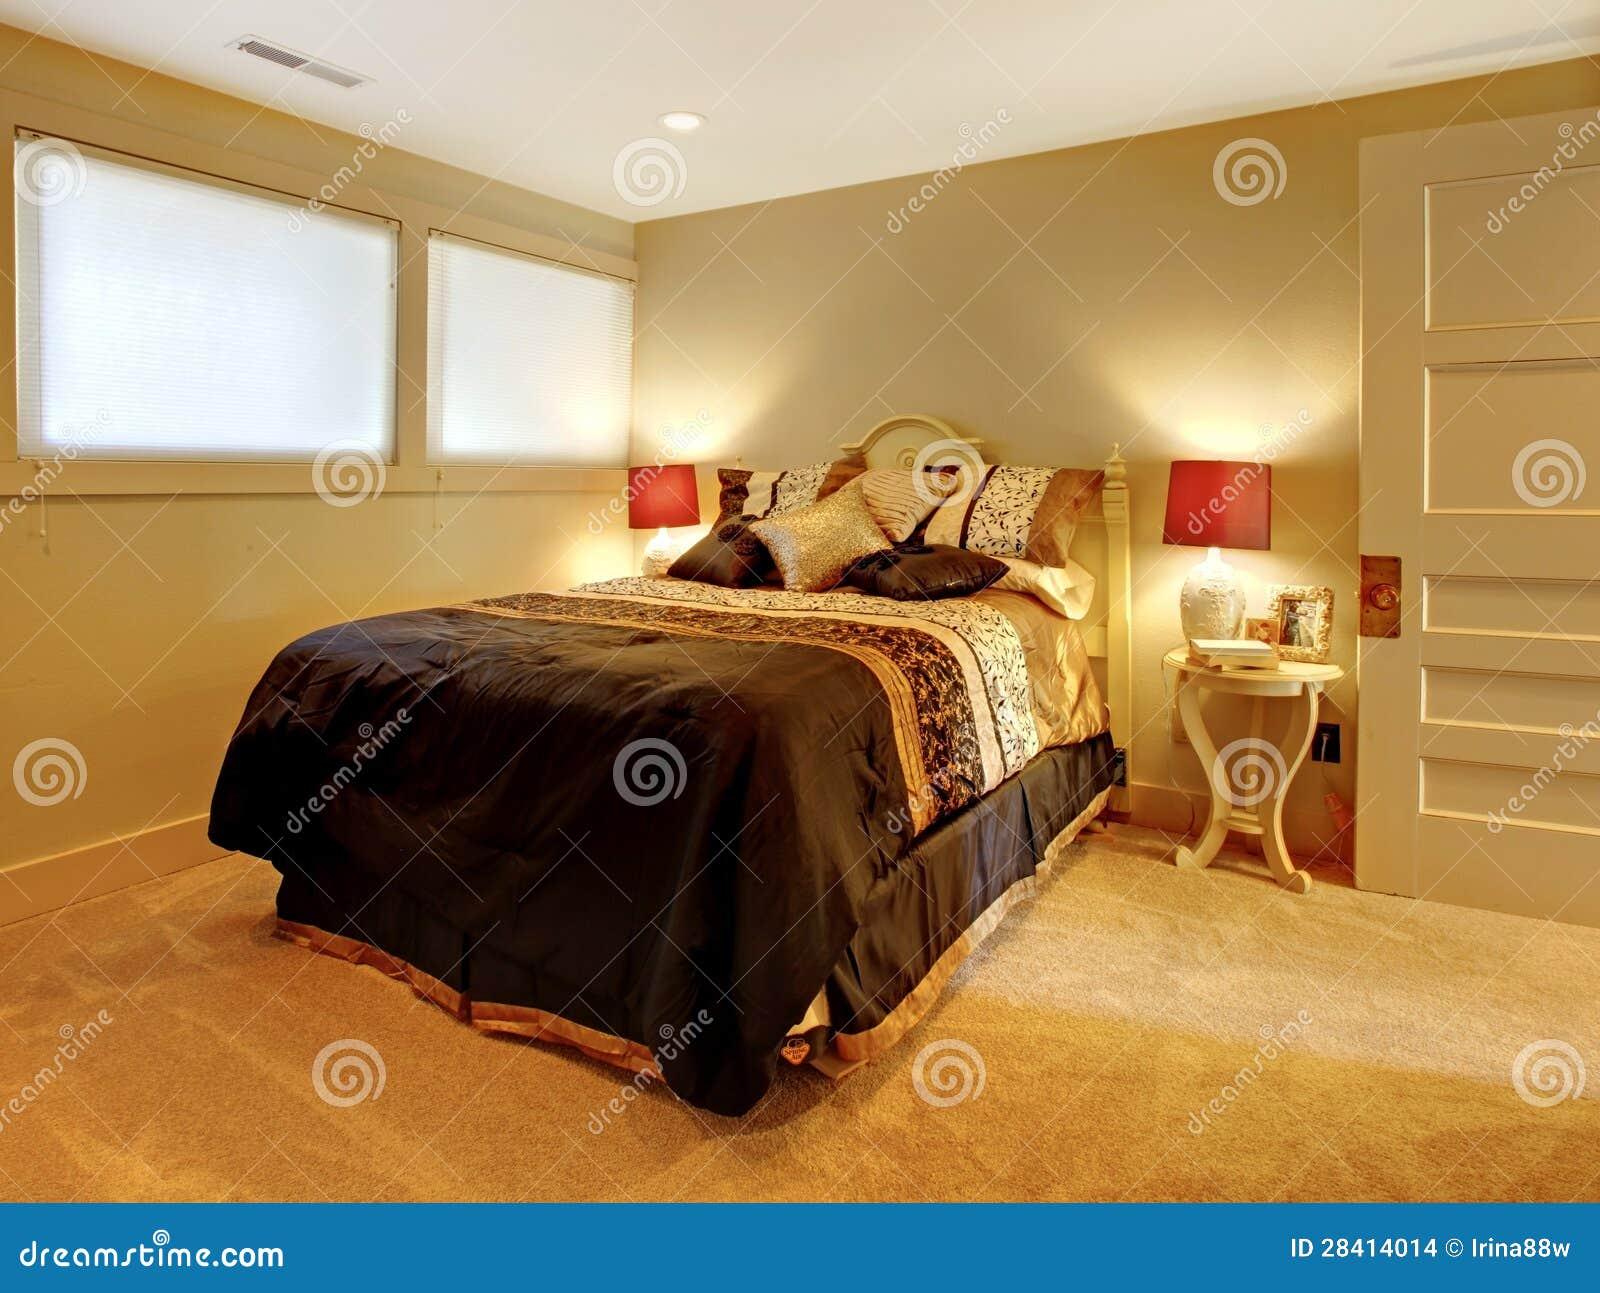 petite chambre coucher de sous sol avec le b ti d 39 invit images stock image 28414014. Black Bedroom Furniture Sets. Home Design Ideas